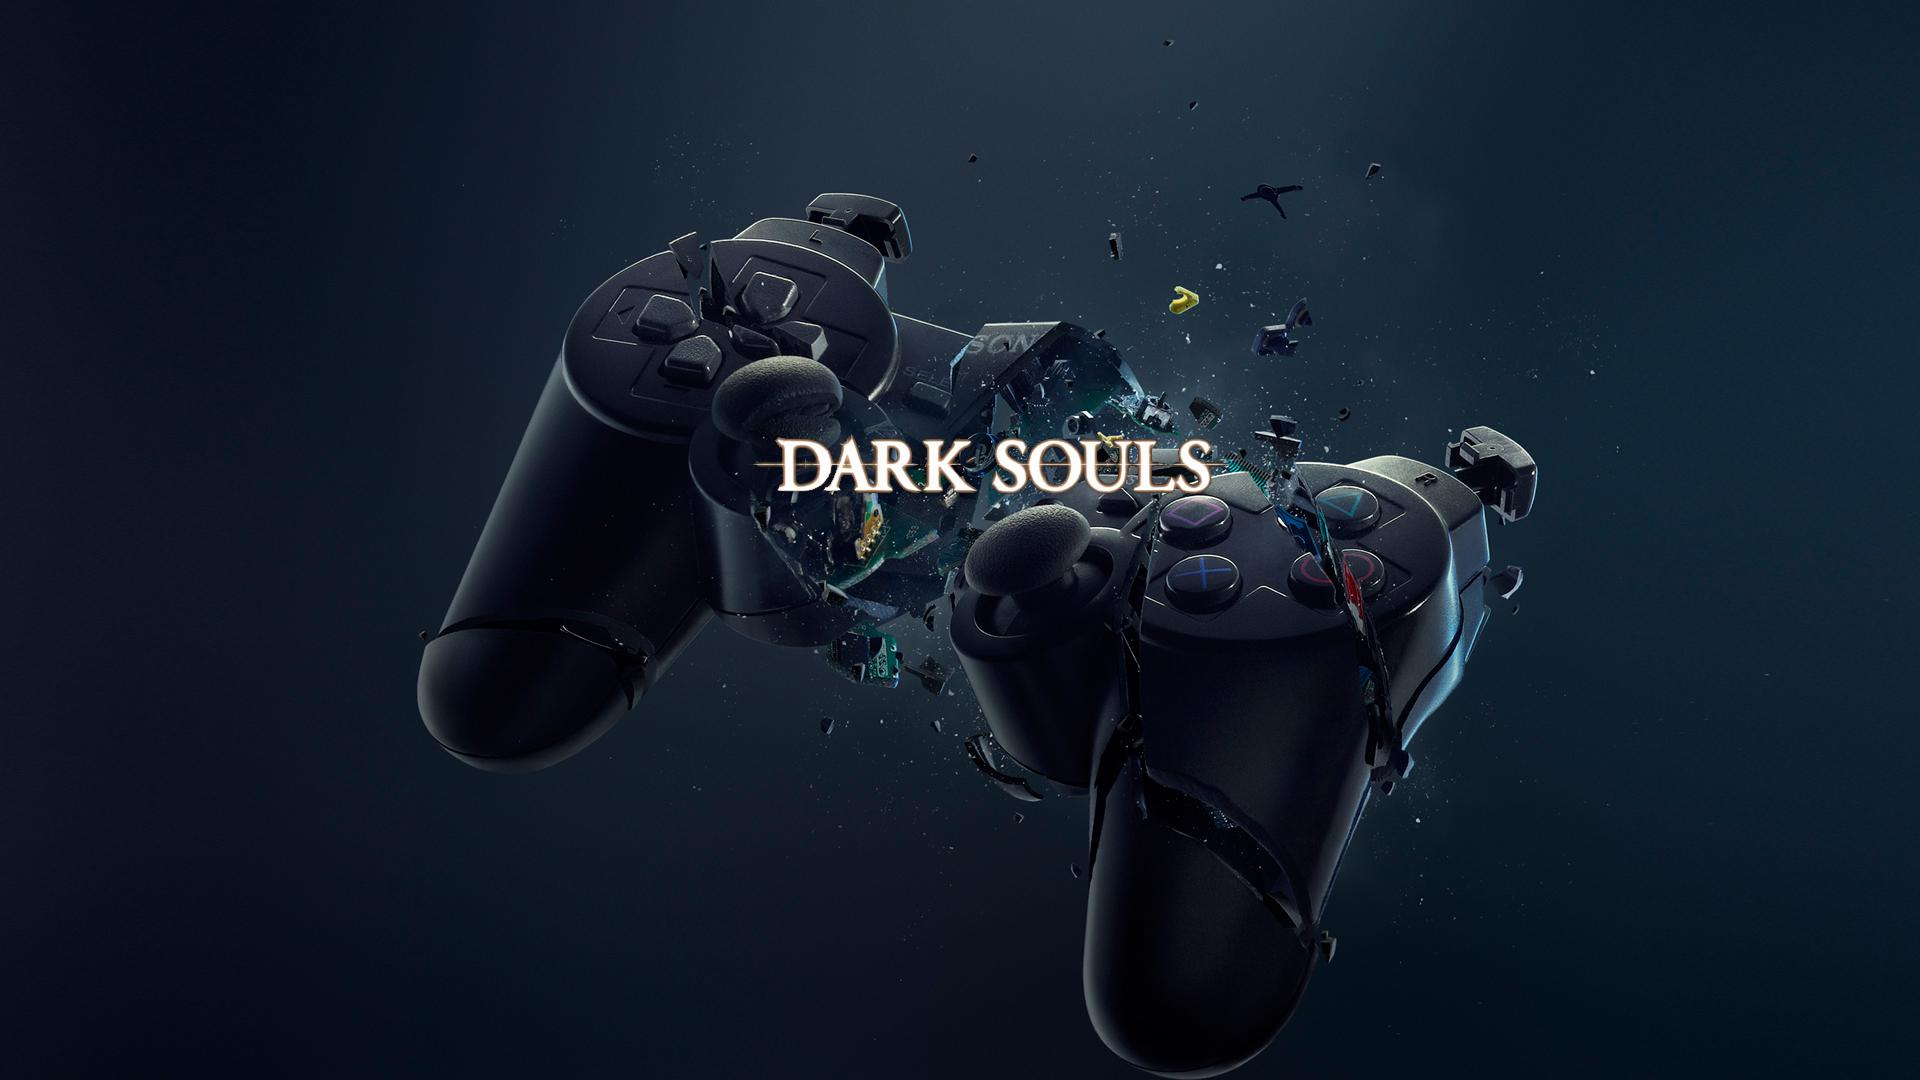 45+] Dark Souls Wallpapers Reddit on WallpaperSafari